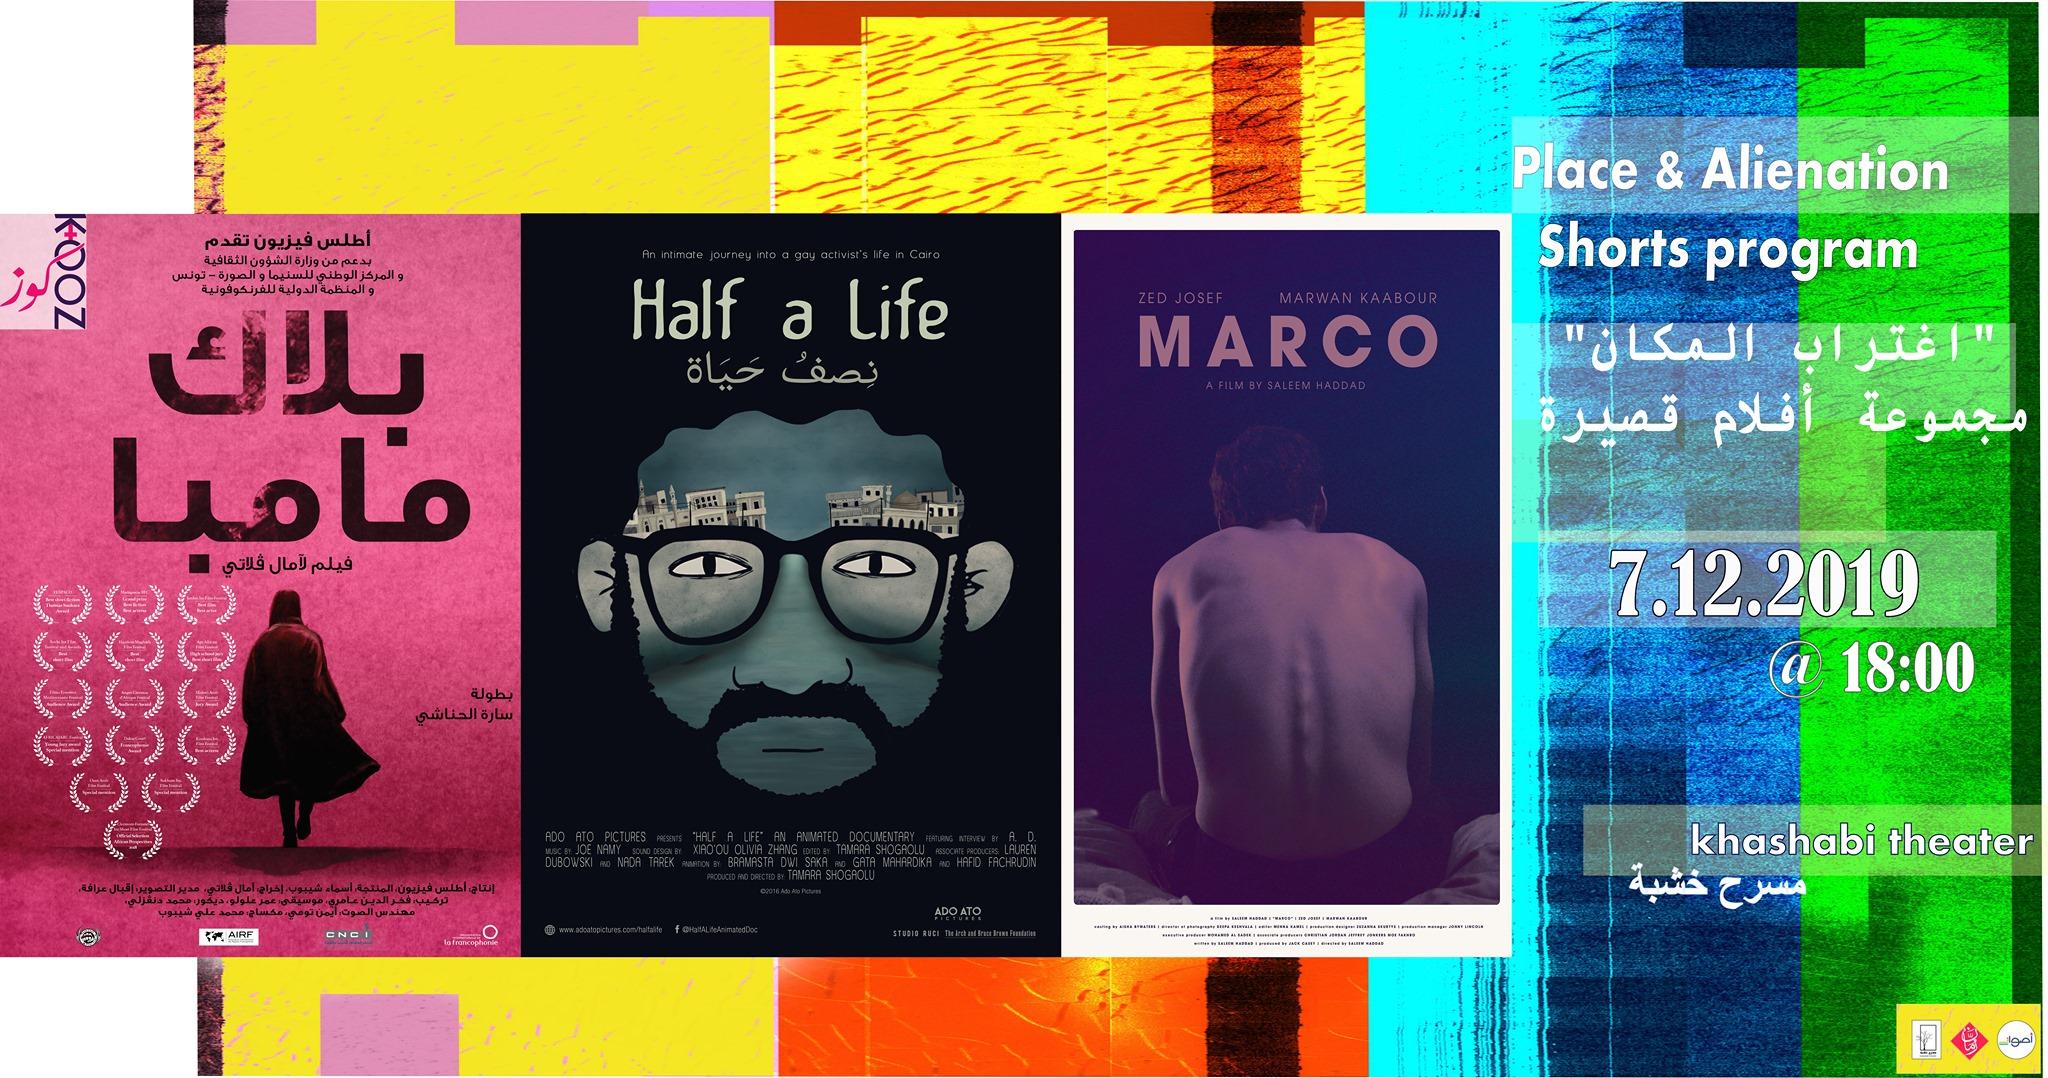 أربعة أفلام من مهرجان كوز للأفلام الكويريّة... البحث واللّكم واللعنات